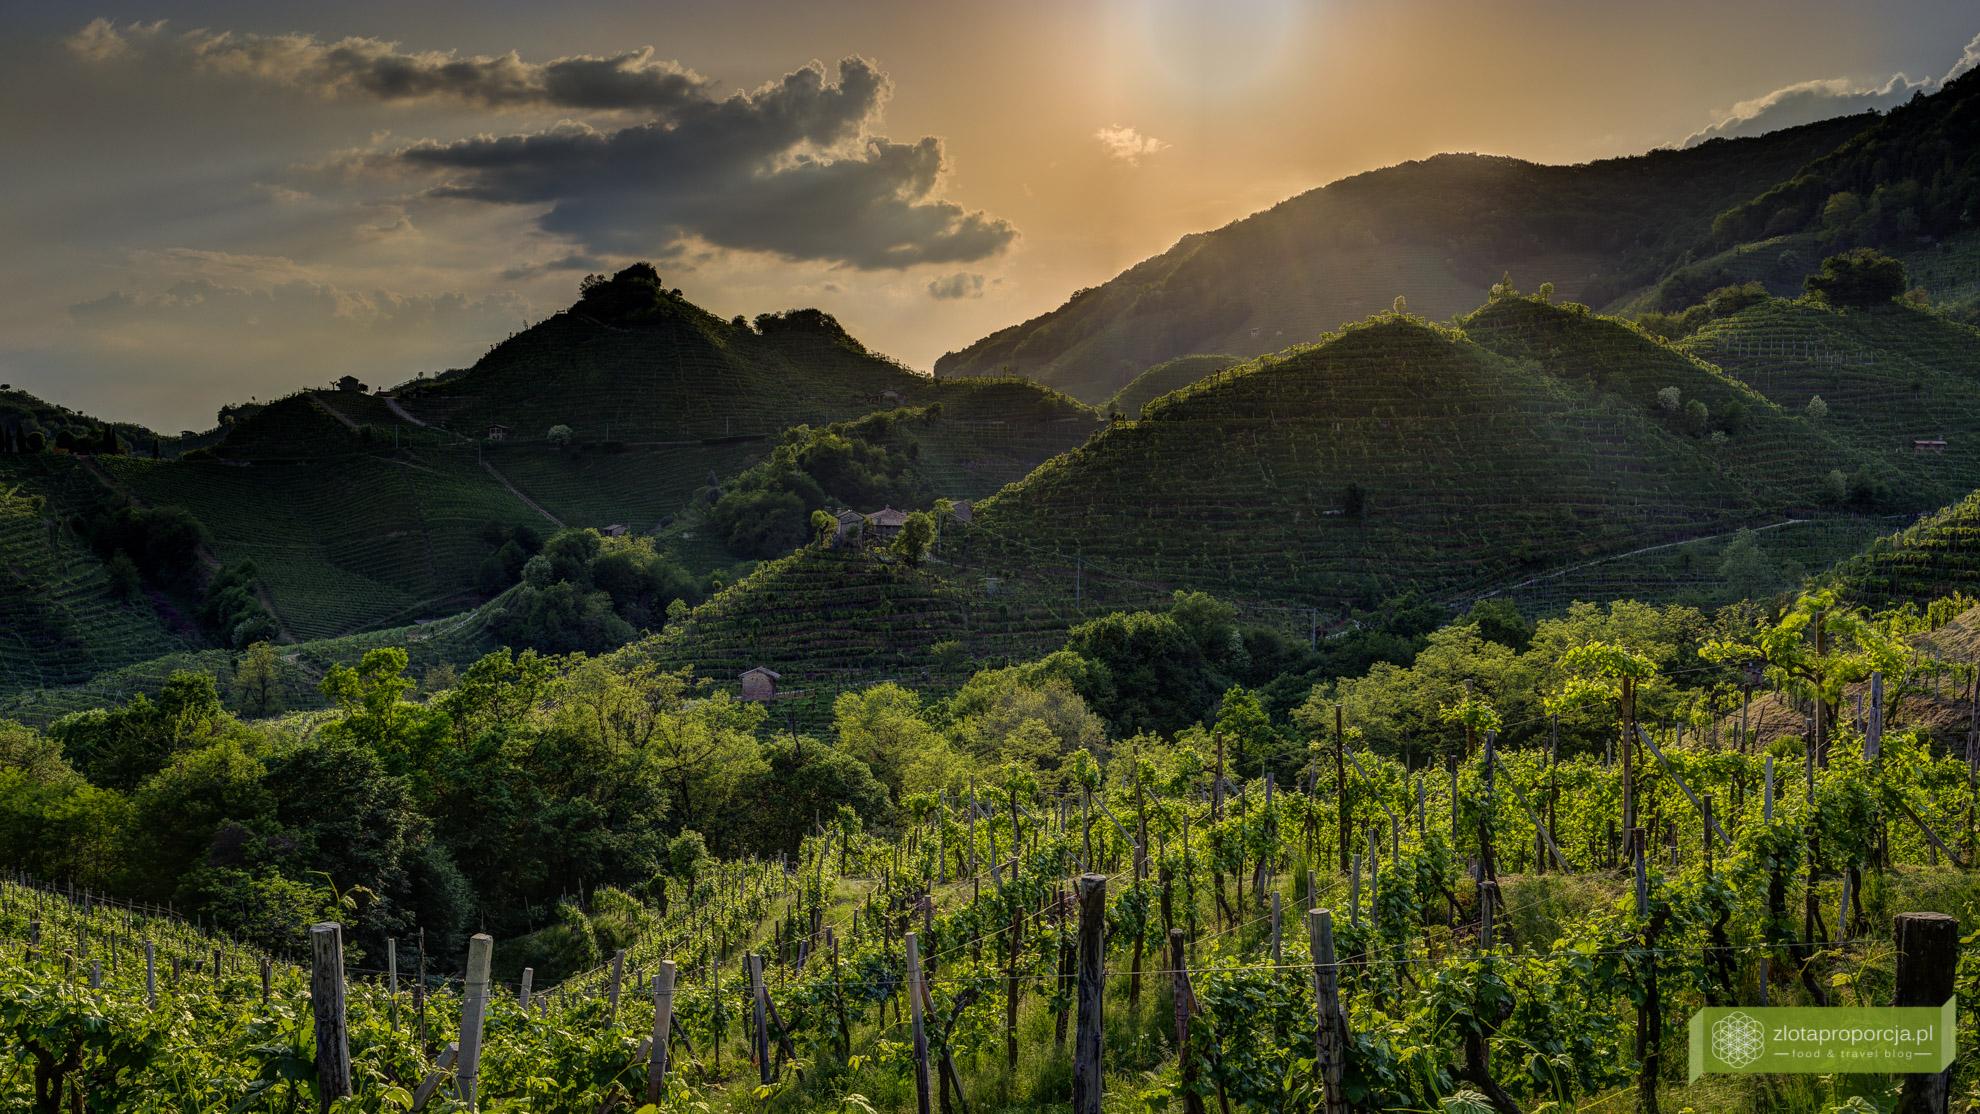 Conegliano Valdobbiadene, prosecco, cartozze, kraina prosecco, szlak wina prosecco, okolice Treviso, atrakcje Treviso, Wenecja Euganejska, atrakcje Wenecji Euganejskiej